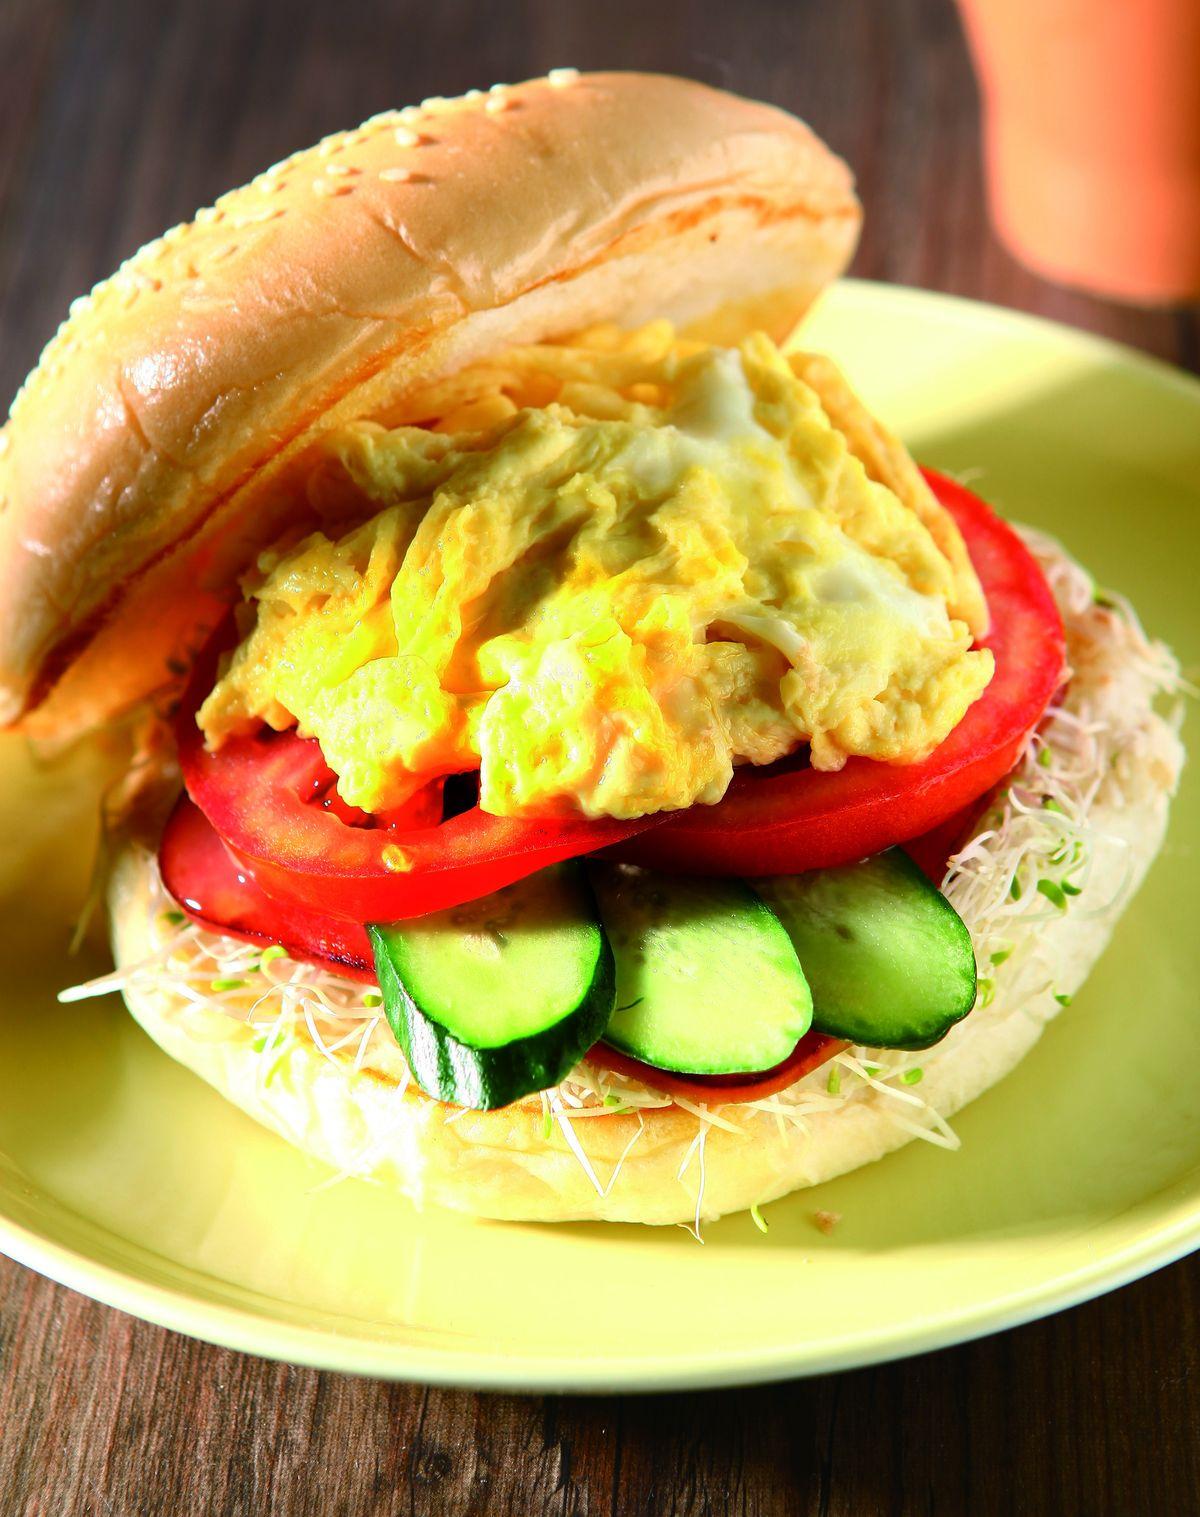 食譜:西式嫩蛋火腿堡